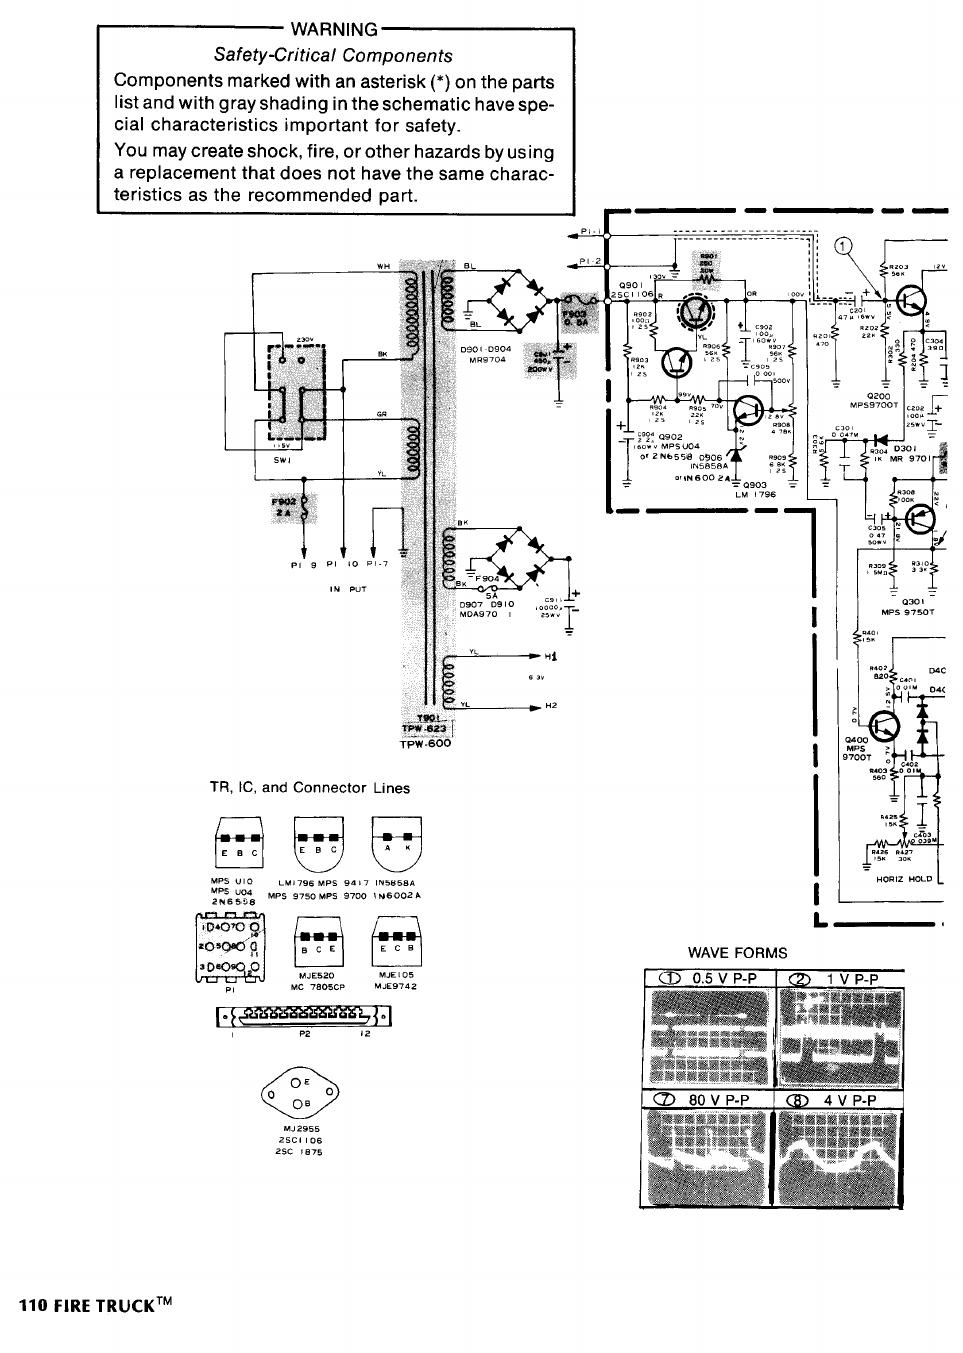 Tm600 Manual Fire Truck Schematic 31744